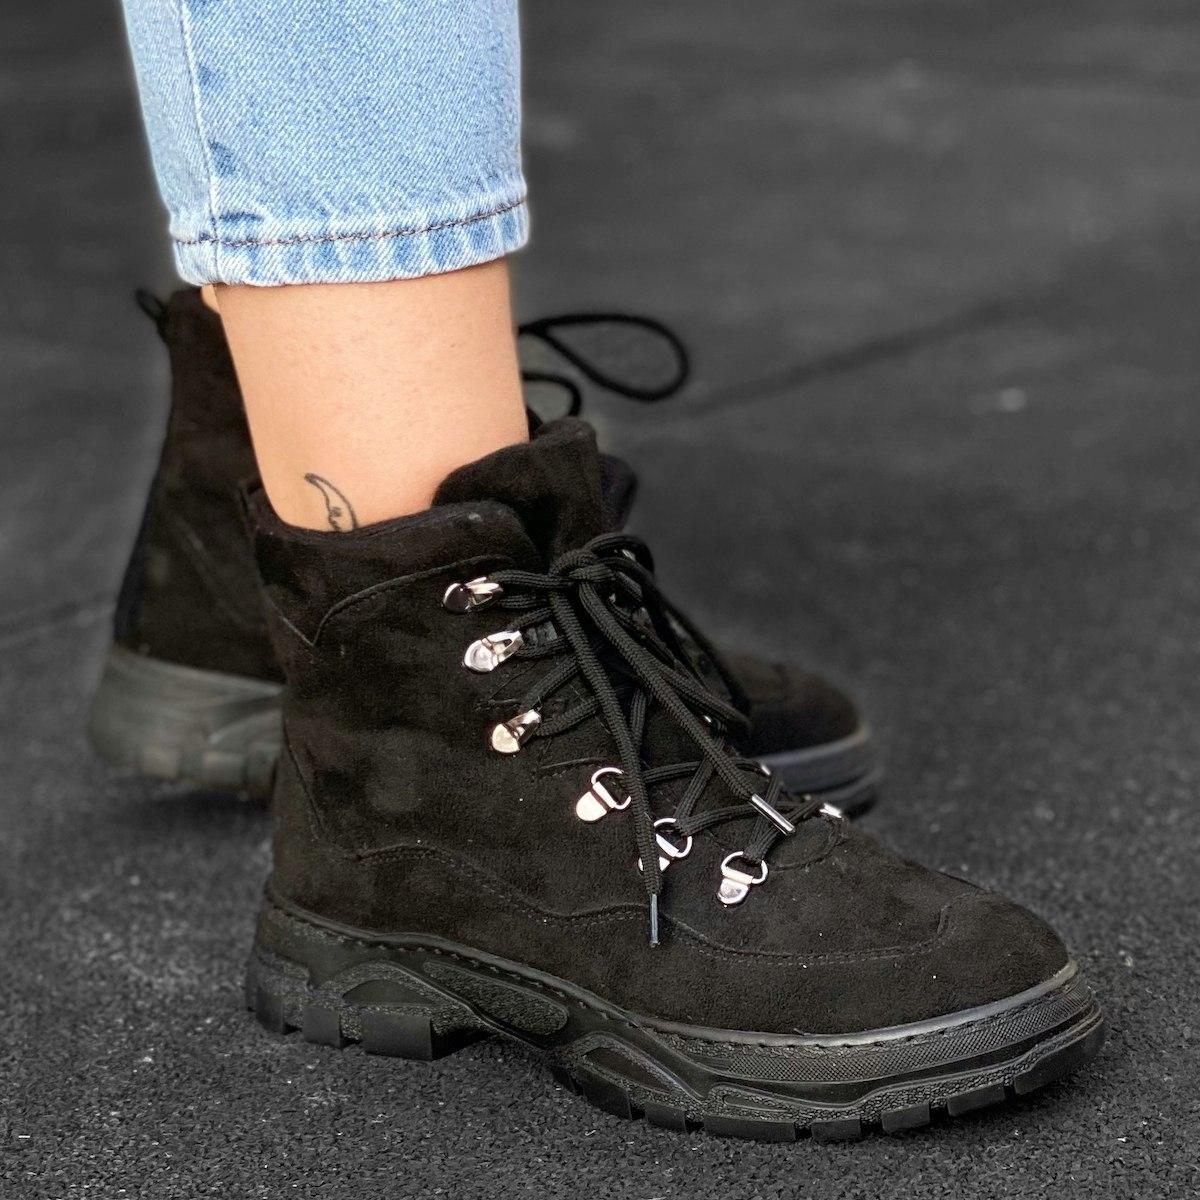 Women's Nubuck Textured Boots In Black